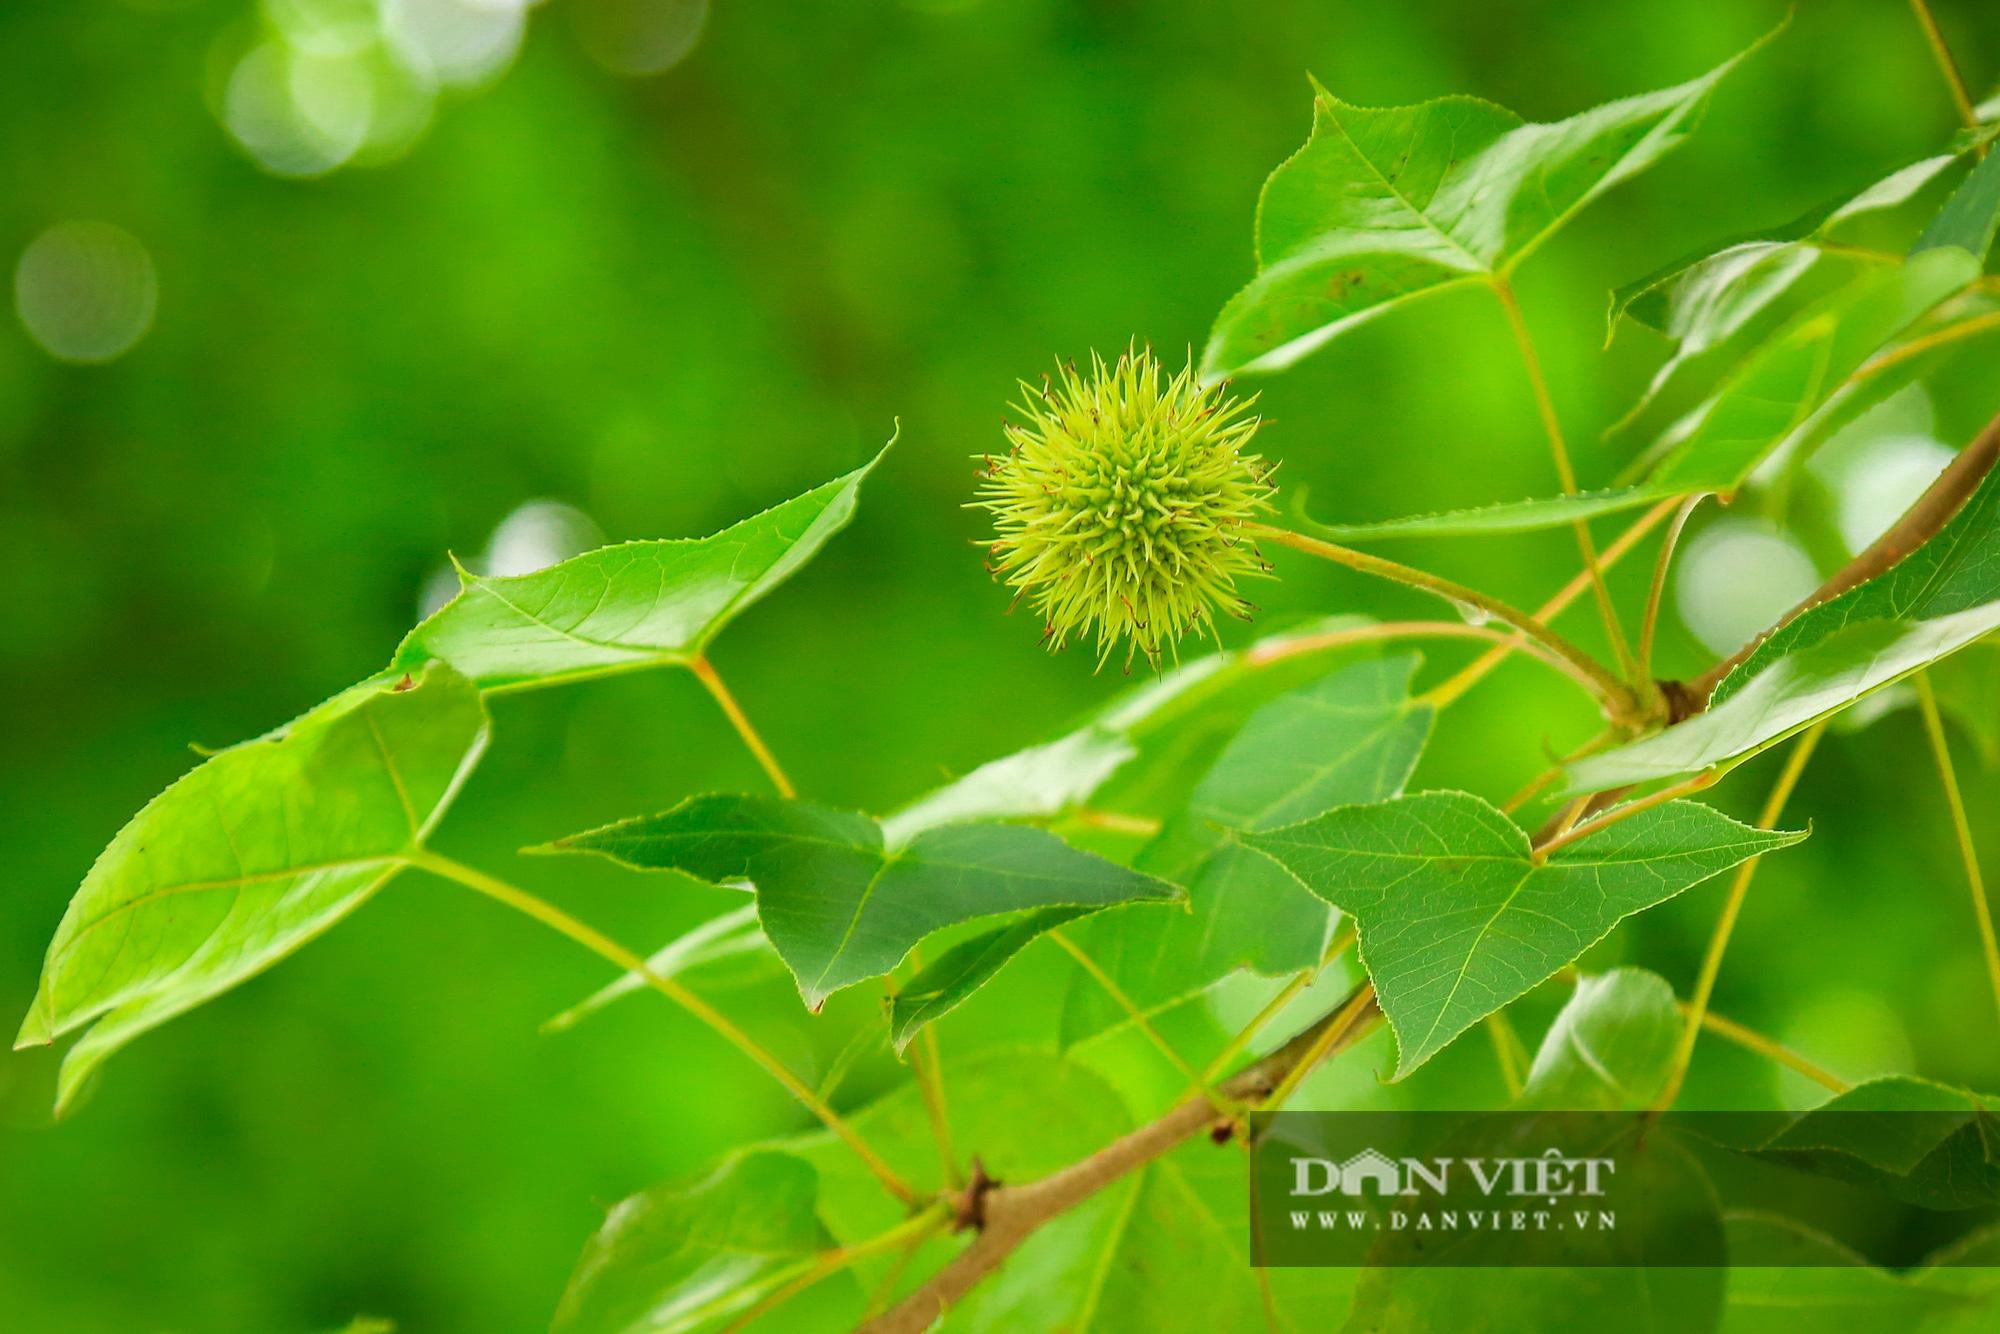 Ngỡ ngàng loài cây giống hệt phong lá đỏ xanh tốt giữa phố Hà Nội - Ảnh 6.